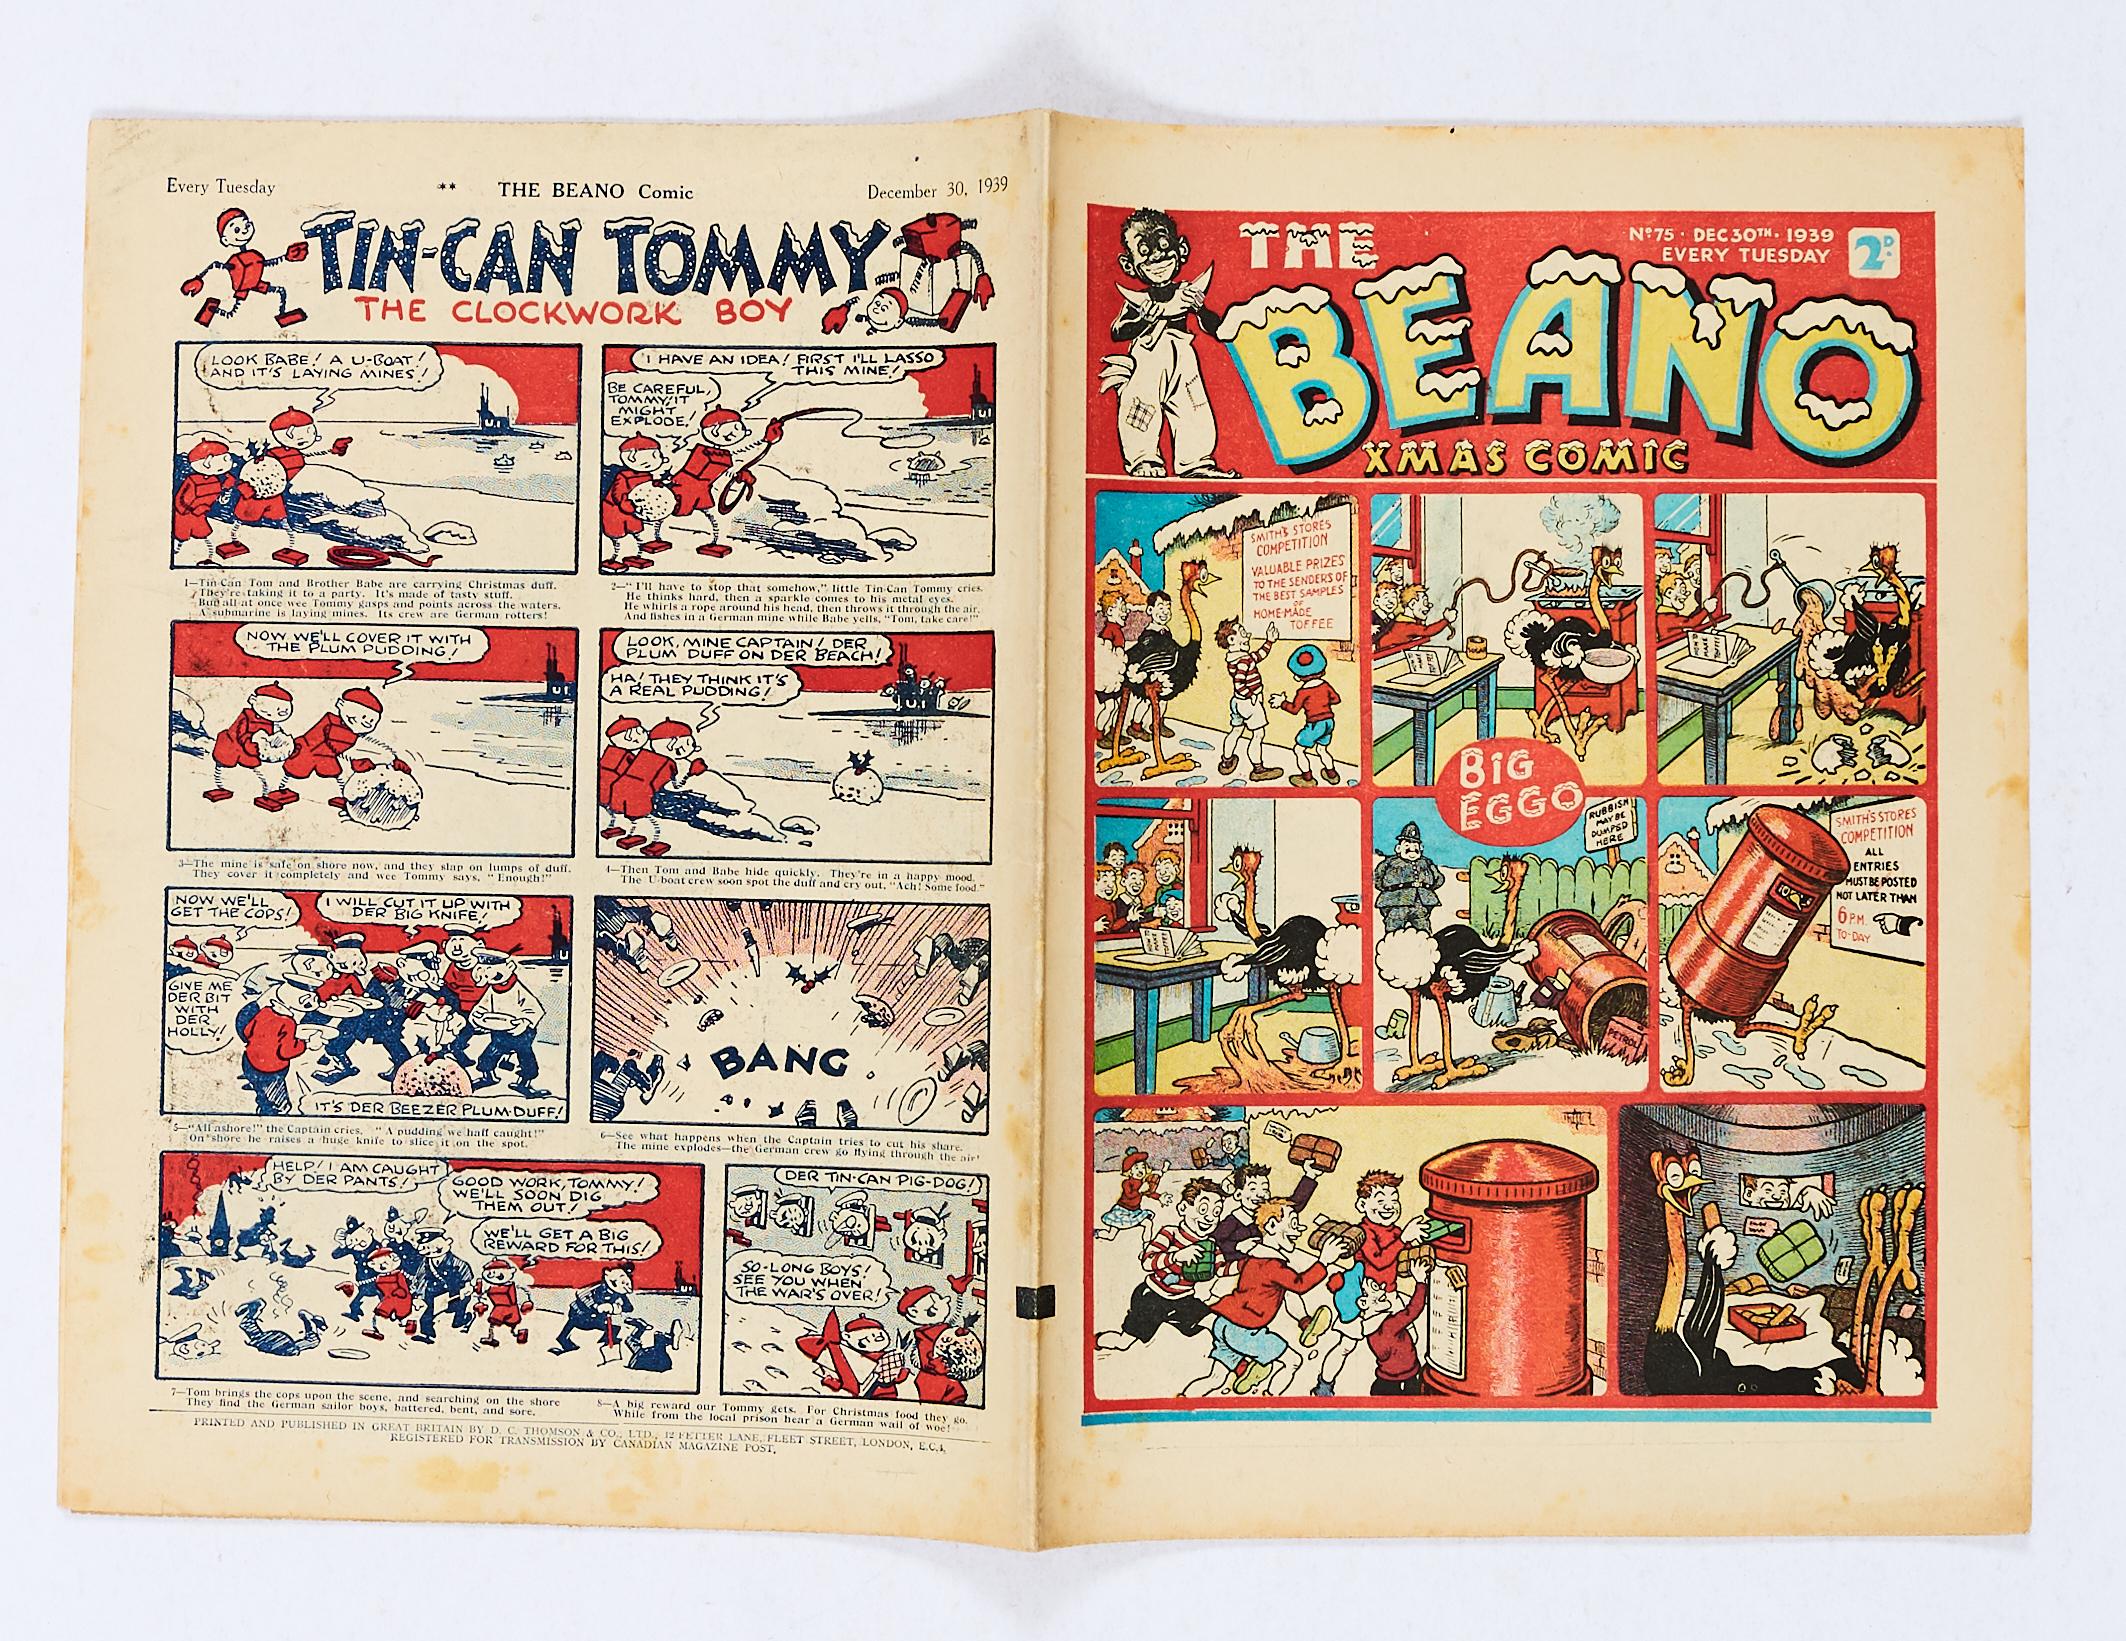 Lot 26 - Beano 75 (1939) Second Xmas Comic. Propaganda war issues. Hooky's Magic Bowler Hat brings Hitler